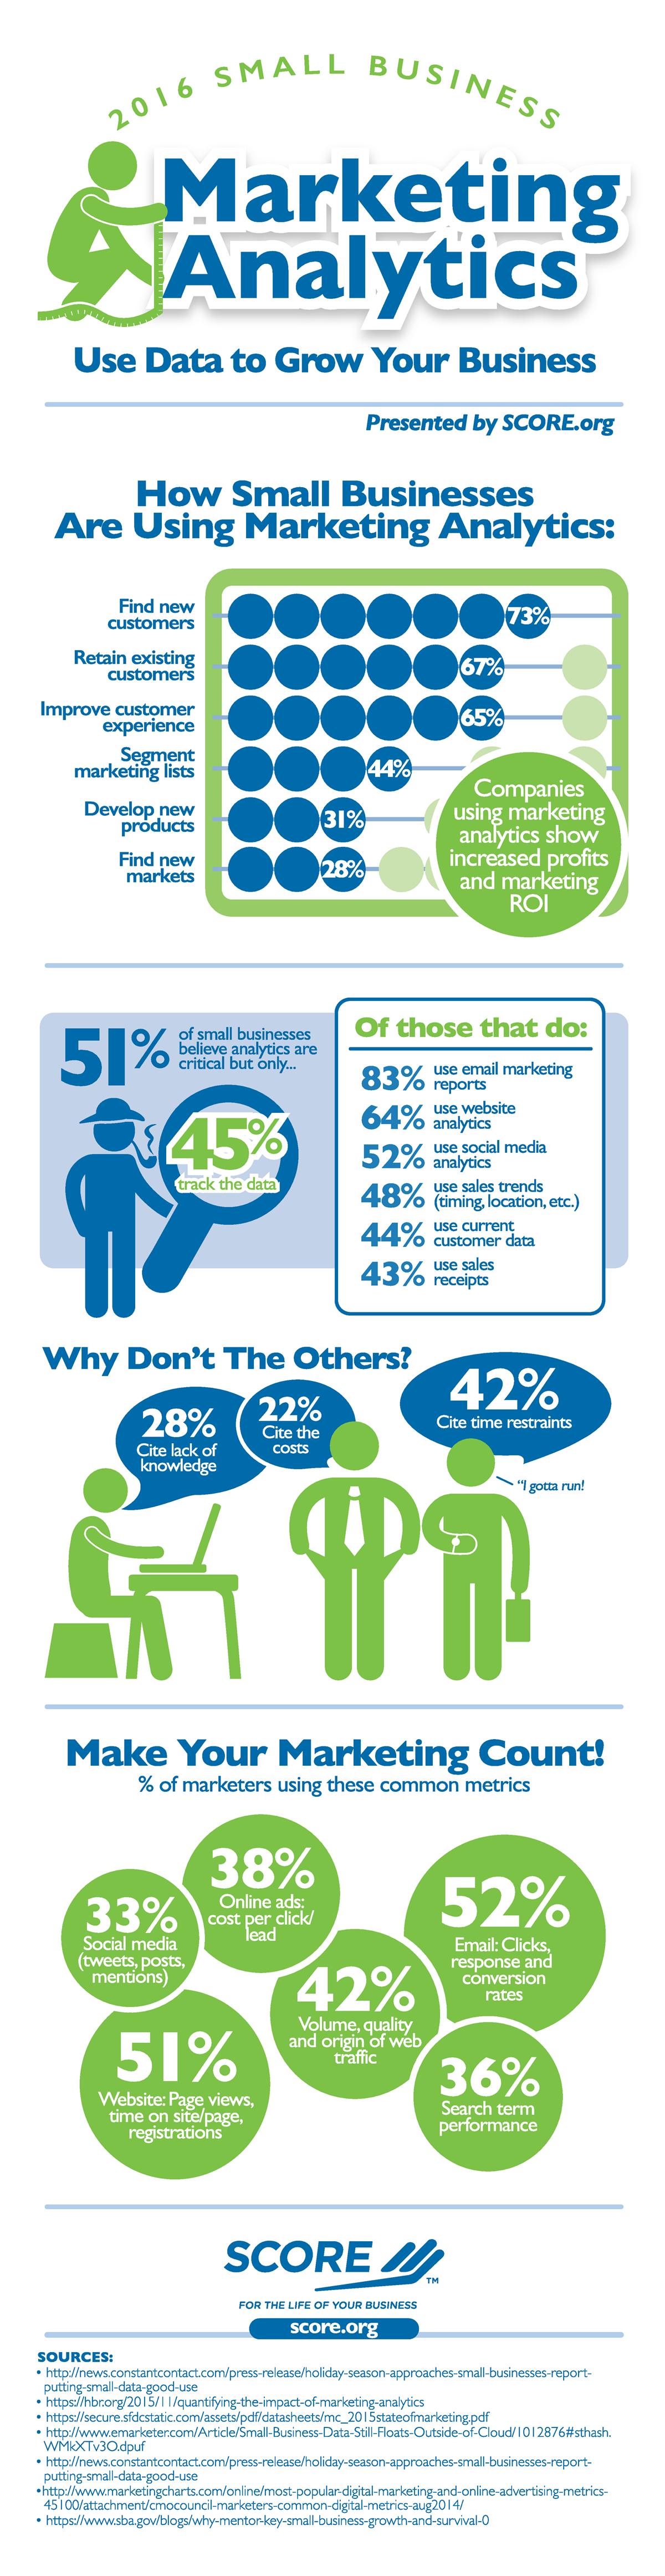 SCORE_infographic